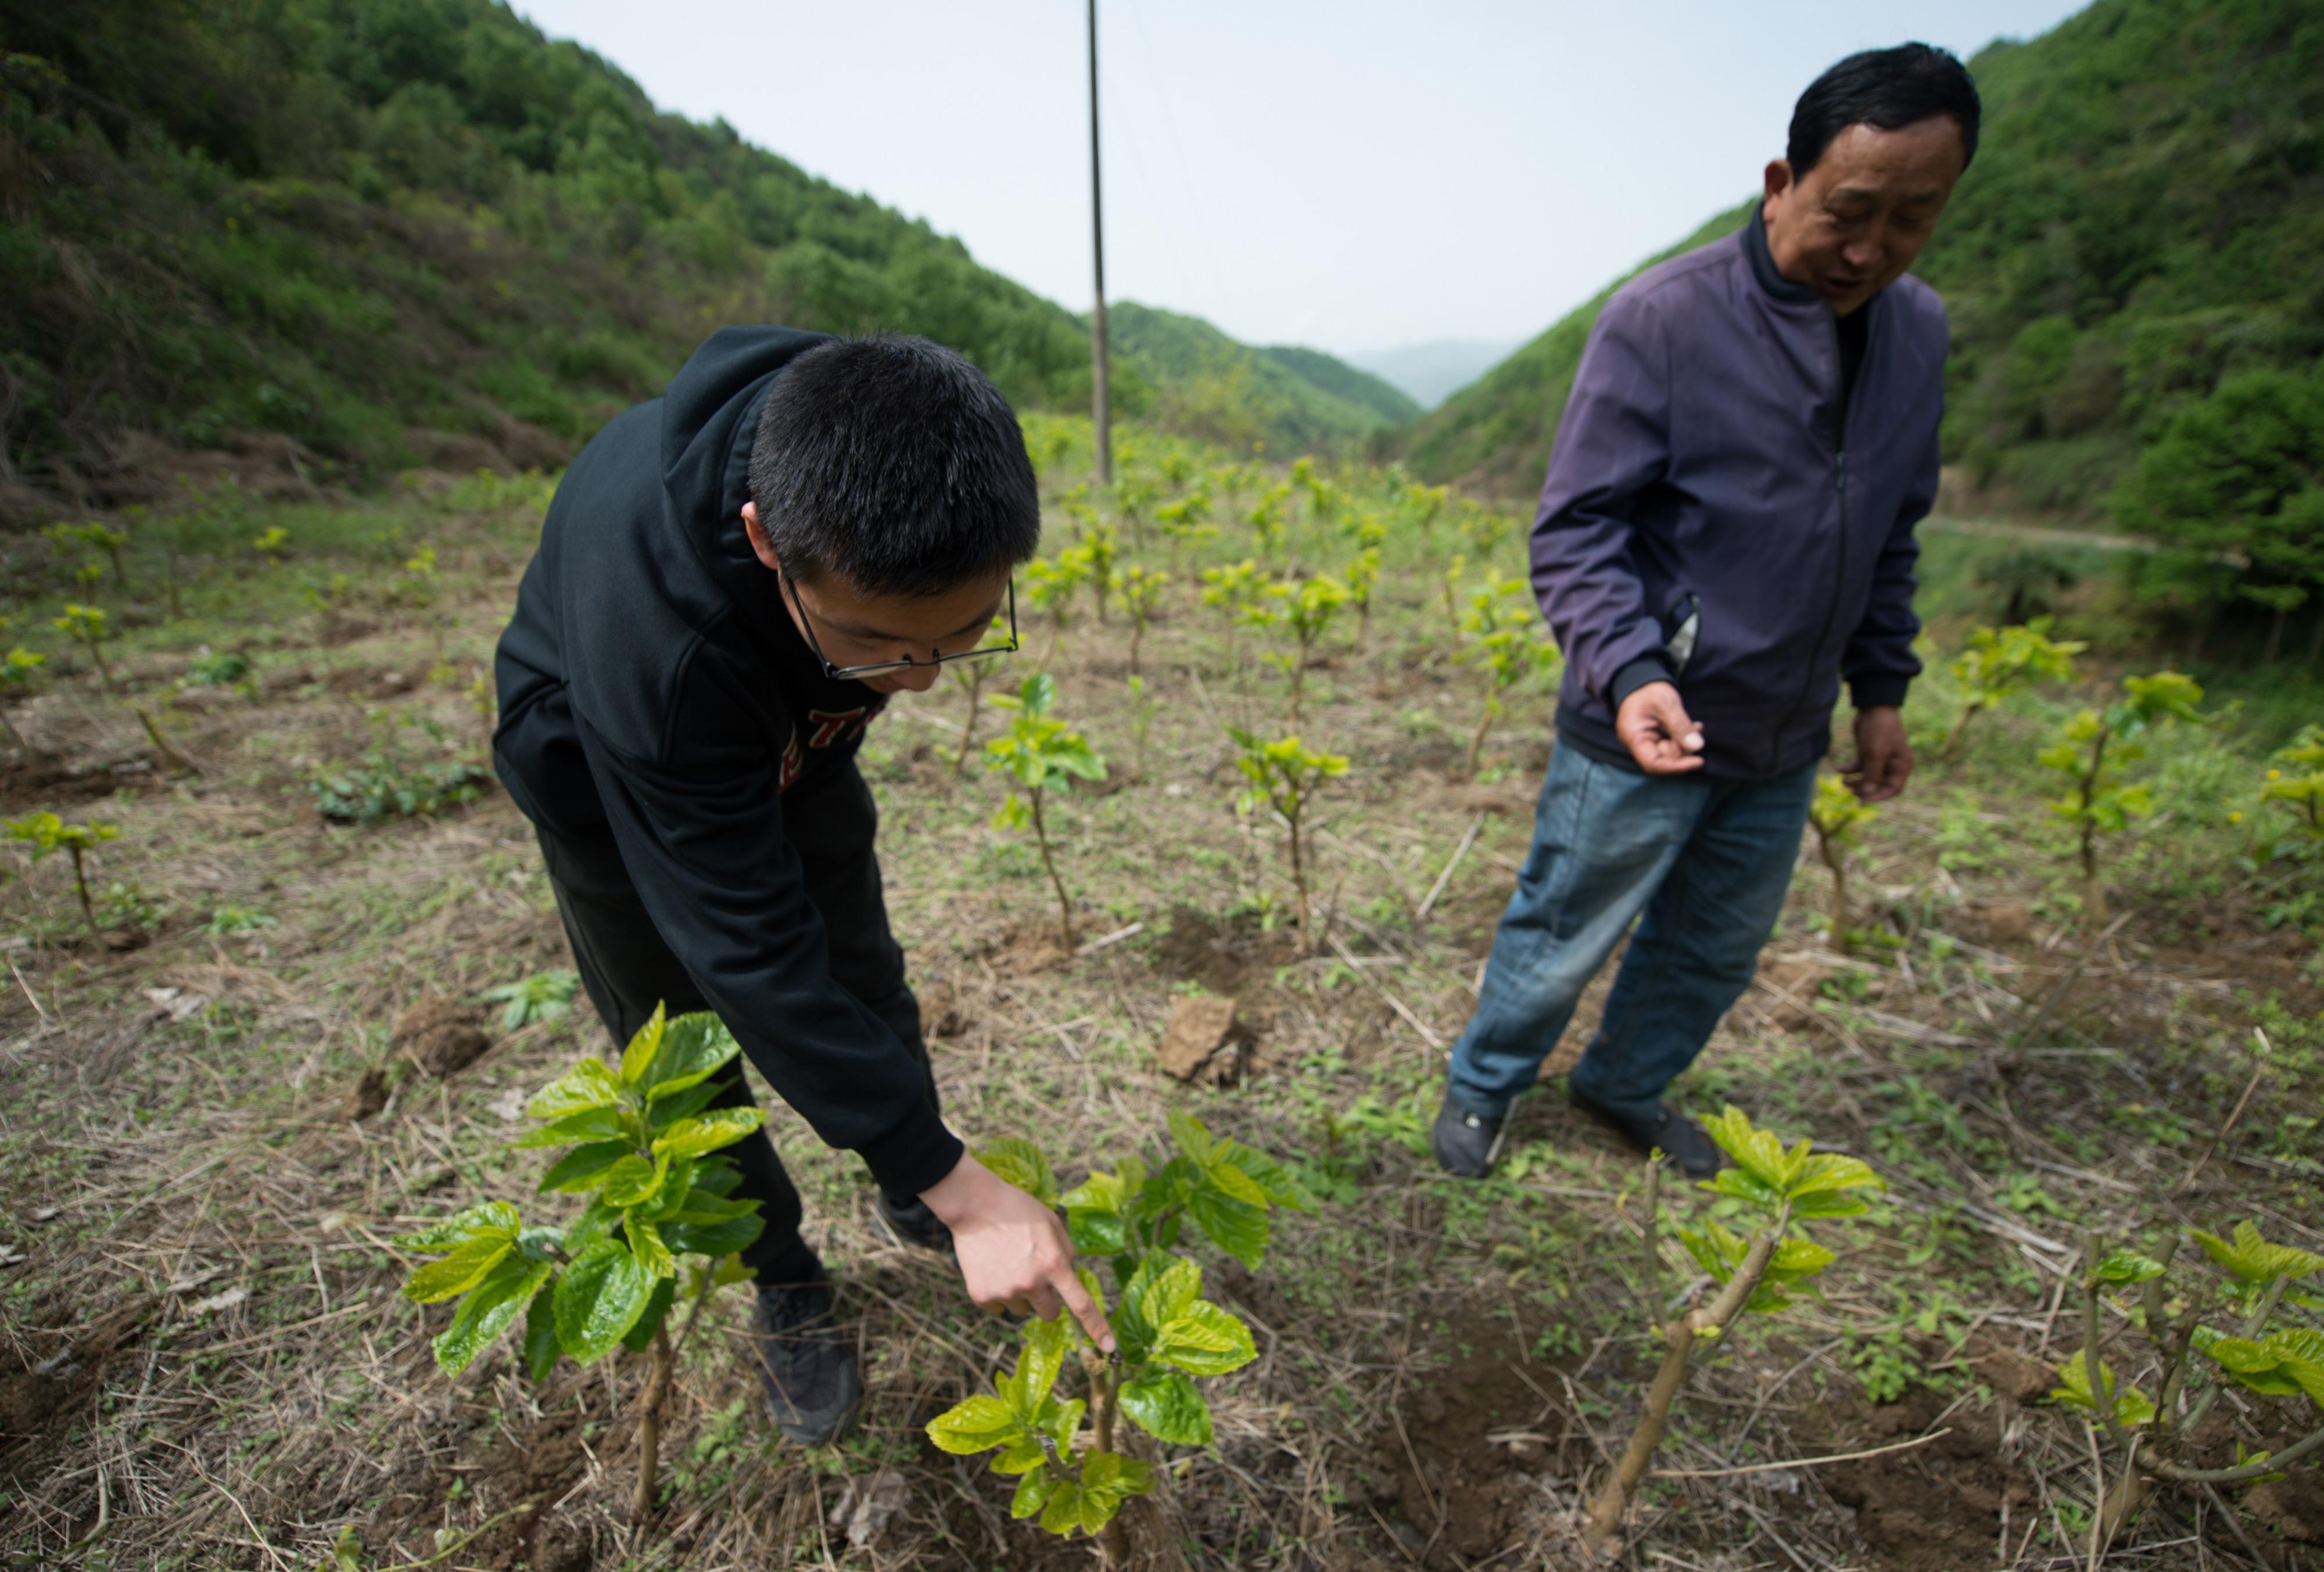 4月16日,在陕西省汉中市西乡县子午镇七星坝村,武轩羽(左)与村民王顺生一起查看桑树树苗生长情况。